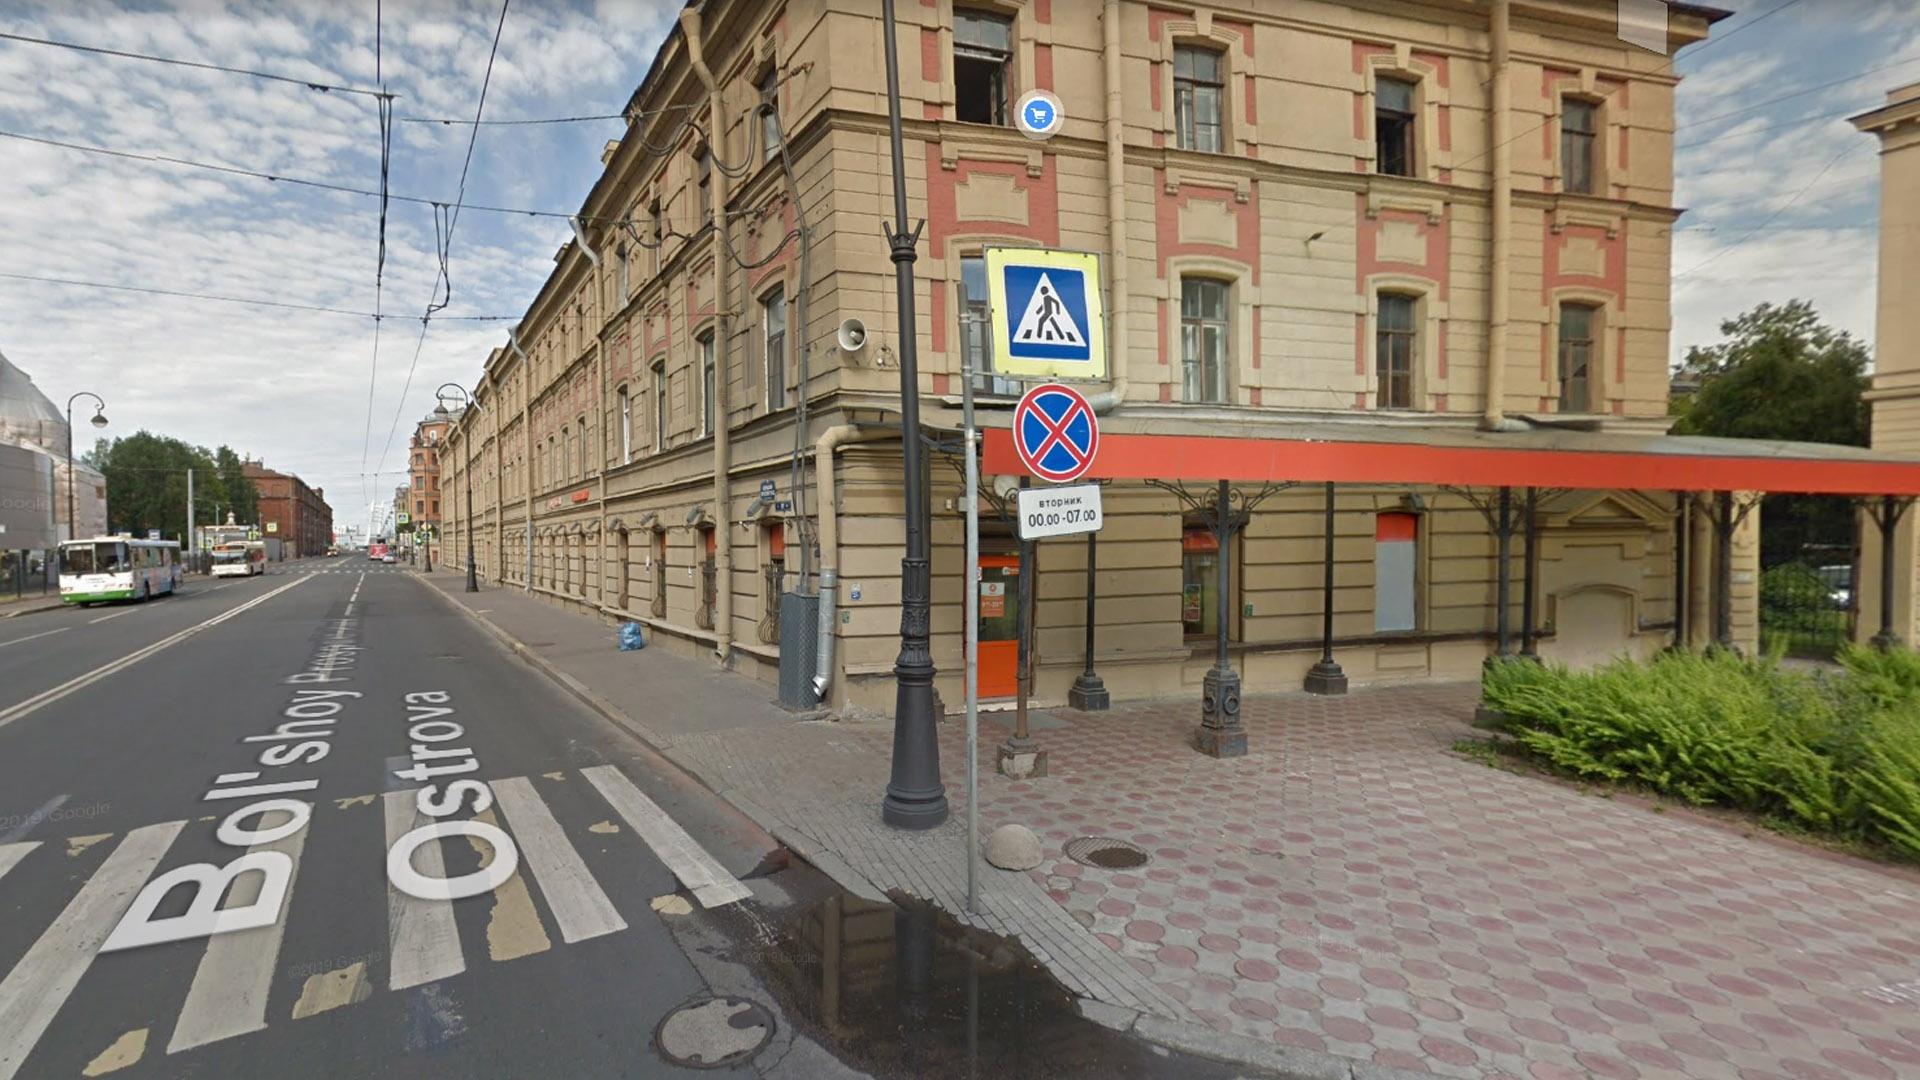 Ограничение парковки в Санкт-Петербурге. Этот знак первоначально может ввести в заблуждение — кажется, что стоять нельзя вообще, но на самом деле нельзя только по вторникам с полуночи до семи утра